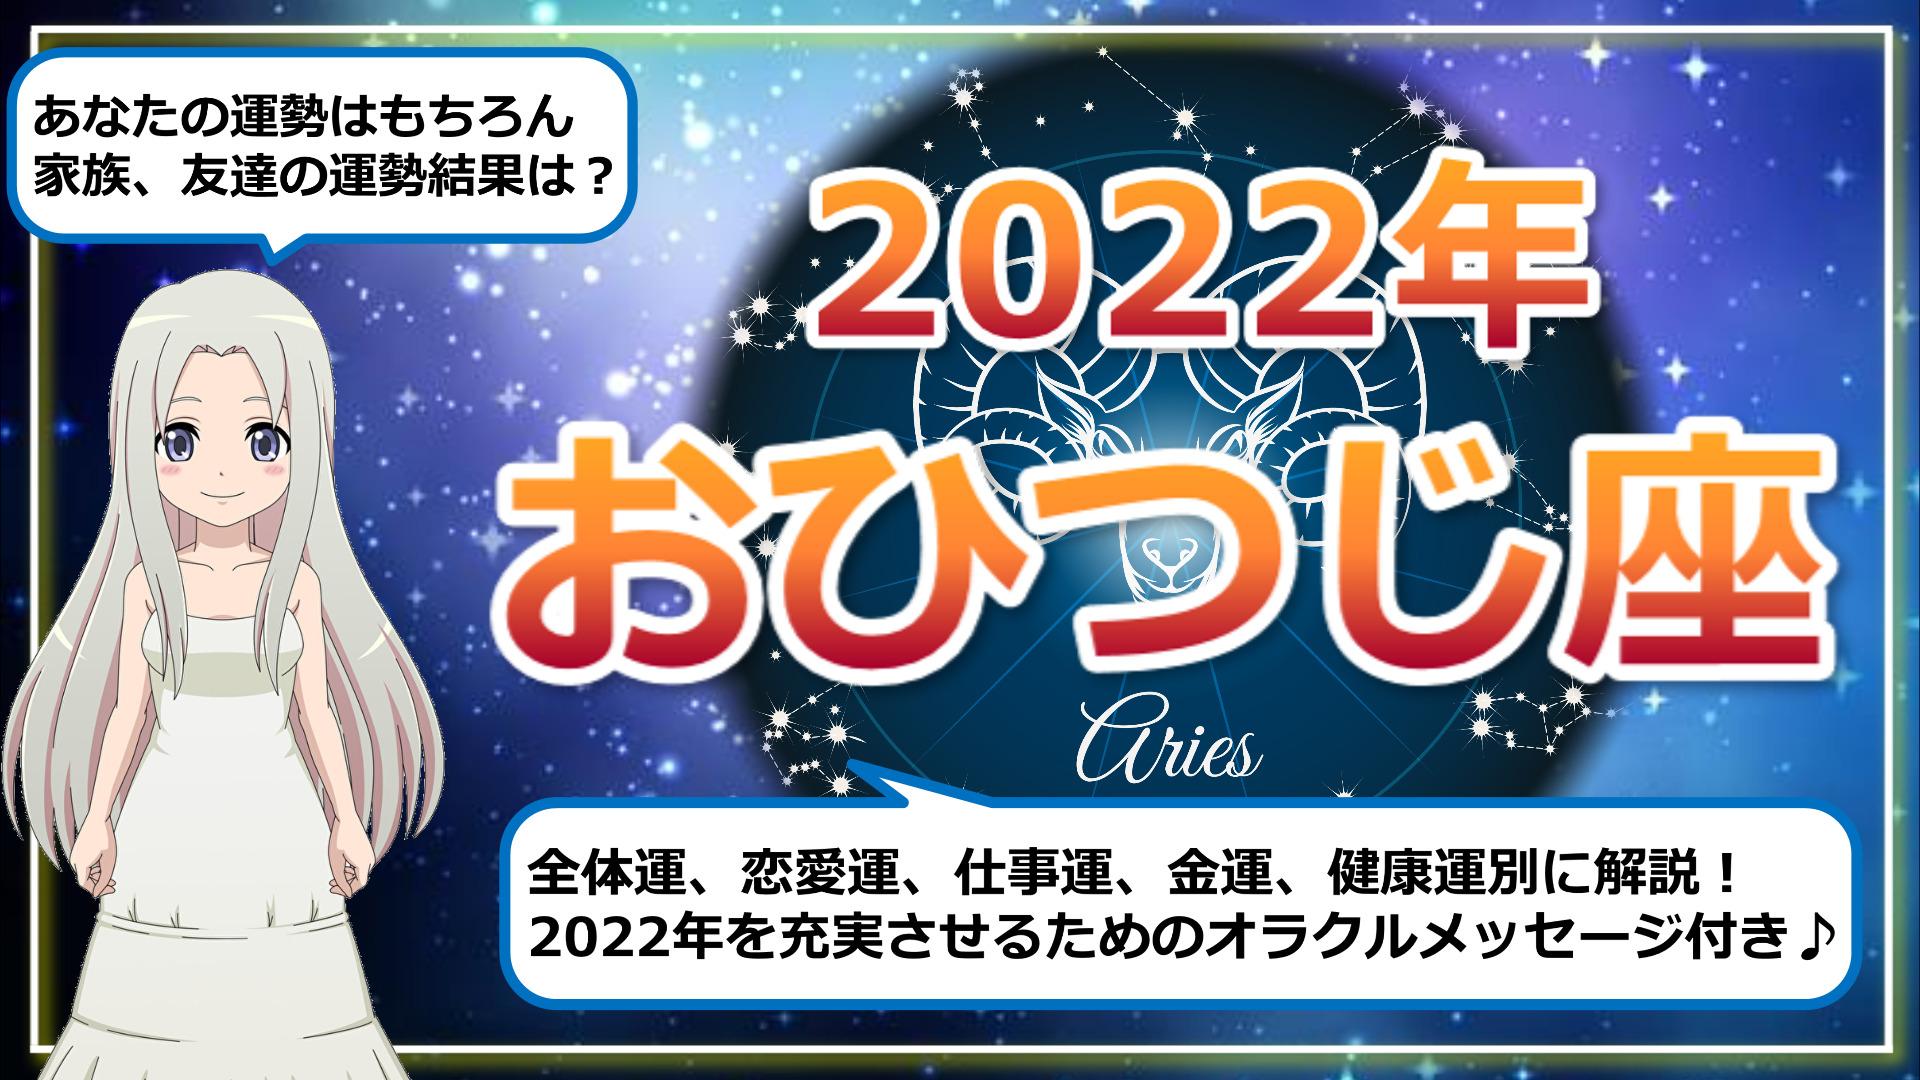 【2022年のおひつじ座の運勢】アクティブな2022年の予感のアイキャッチ画像